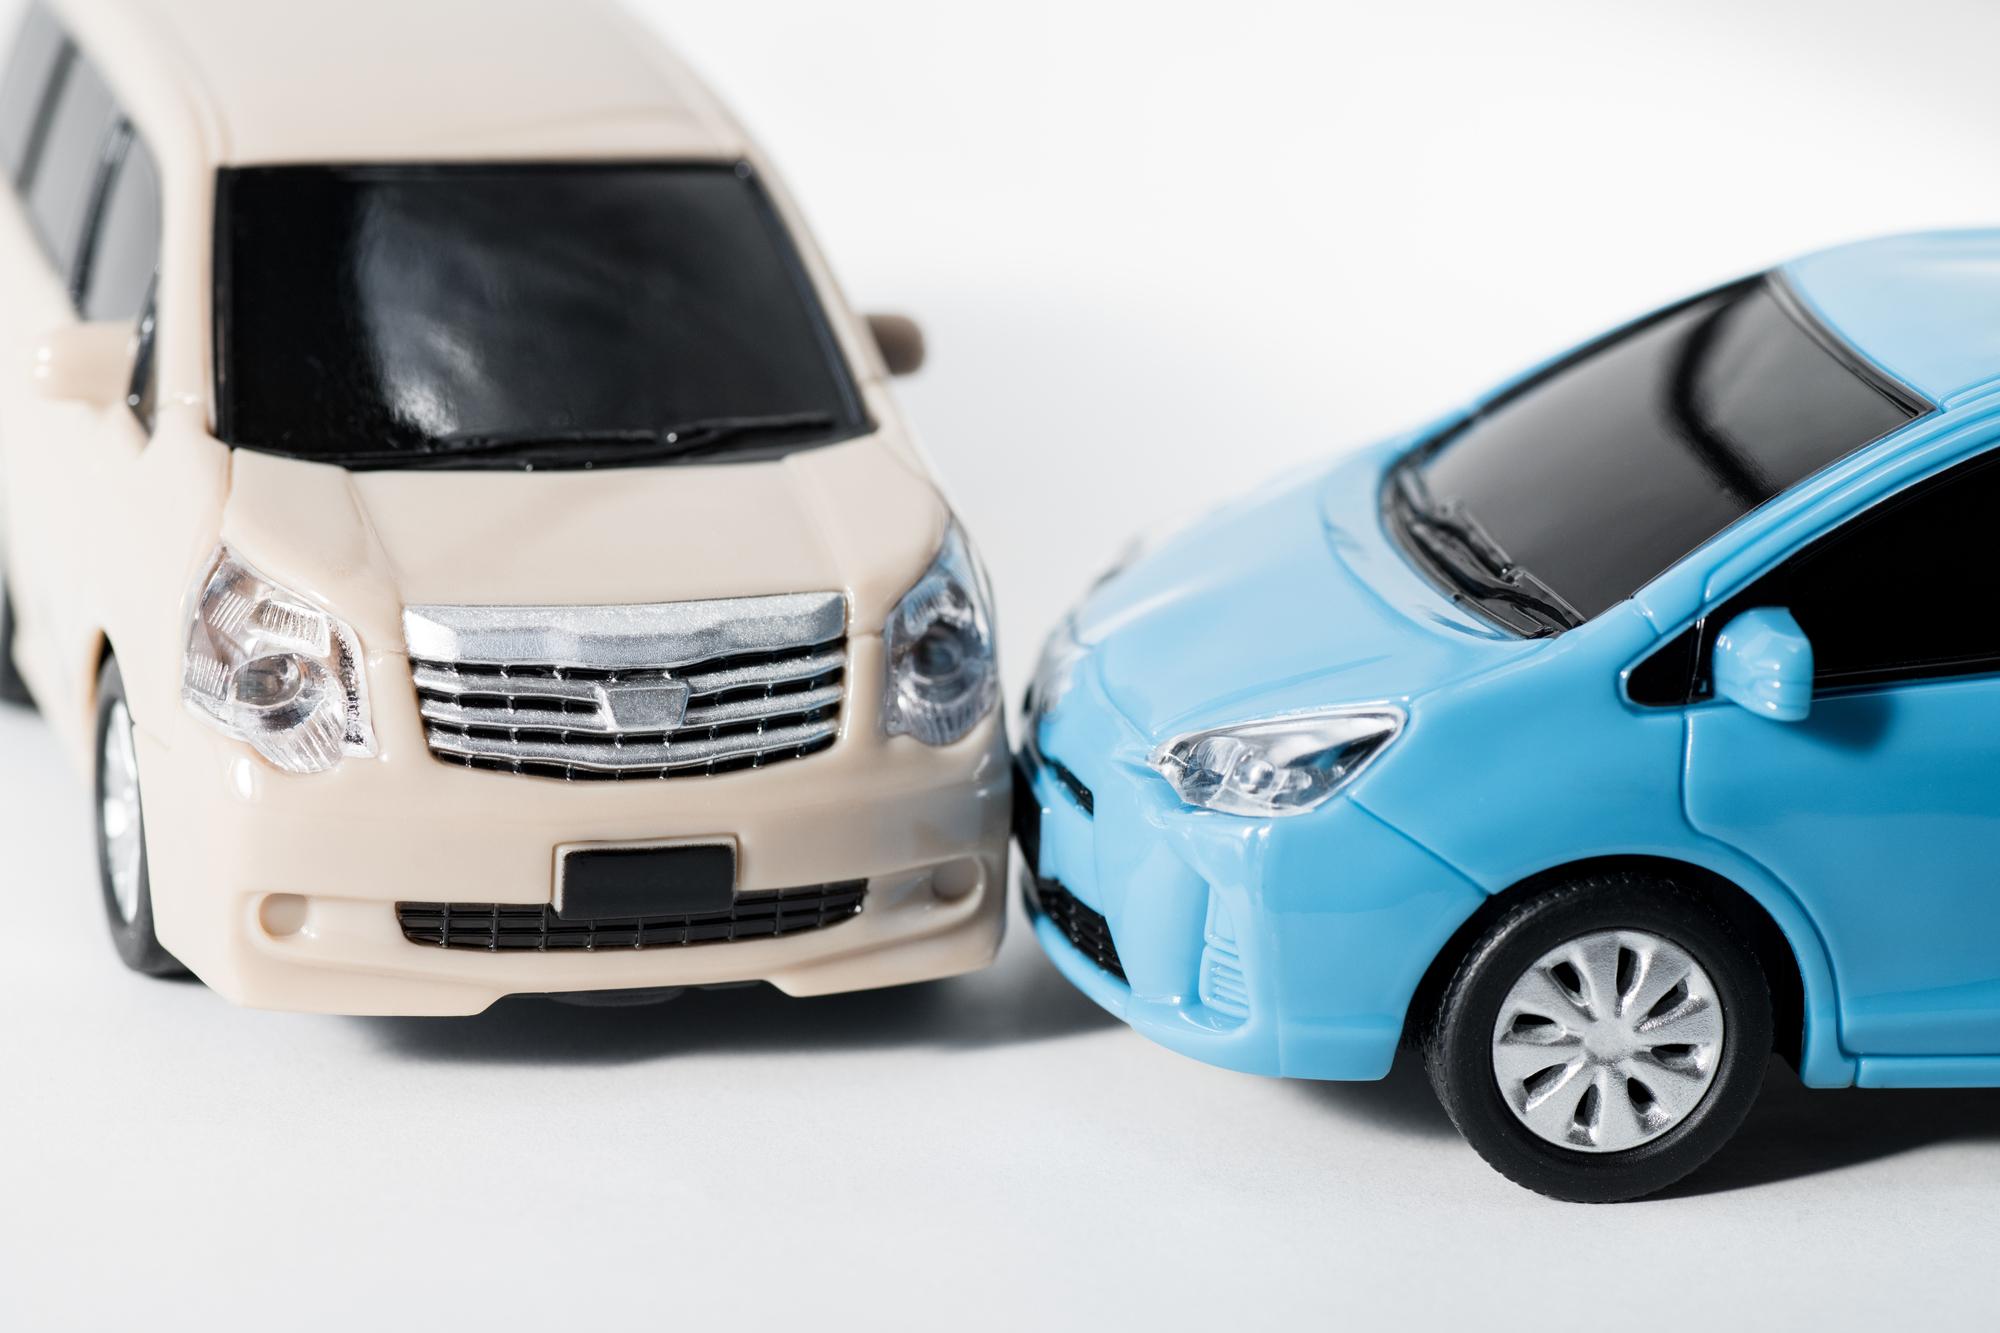 ハイエースで事故に!事故車でも買取価格はつく?